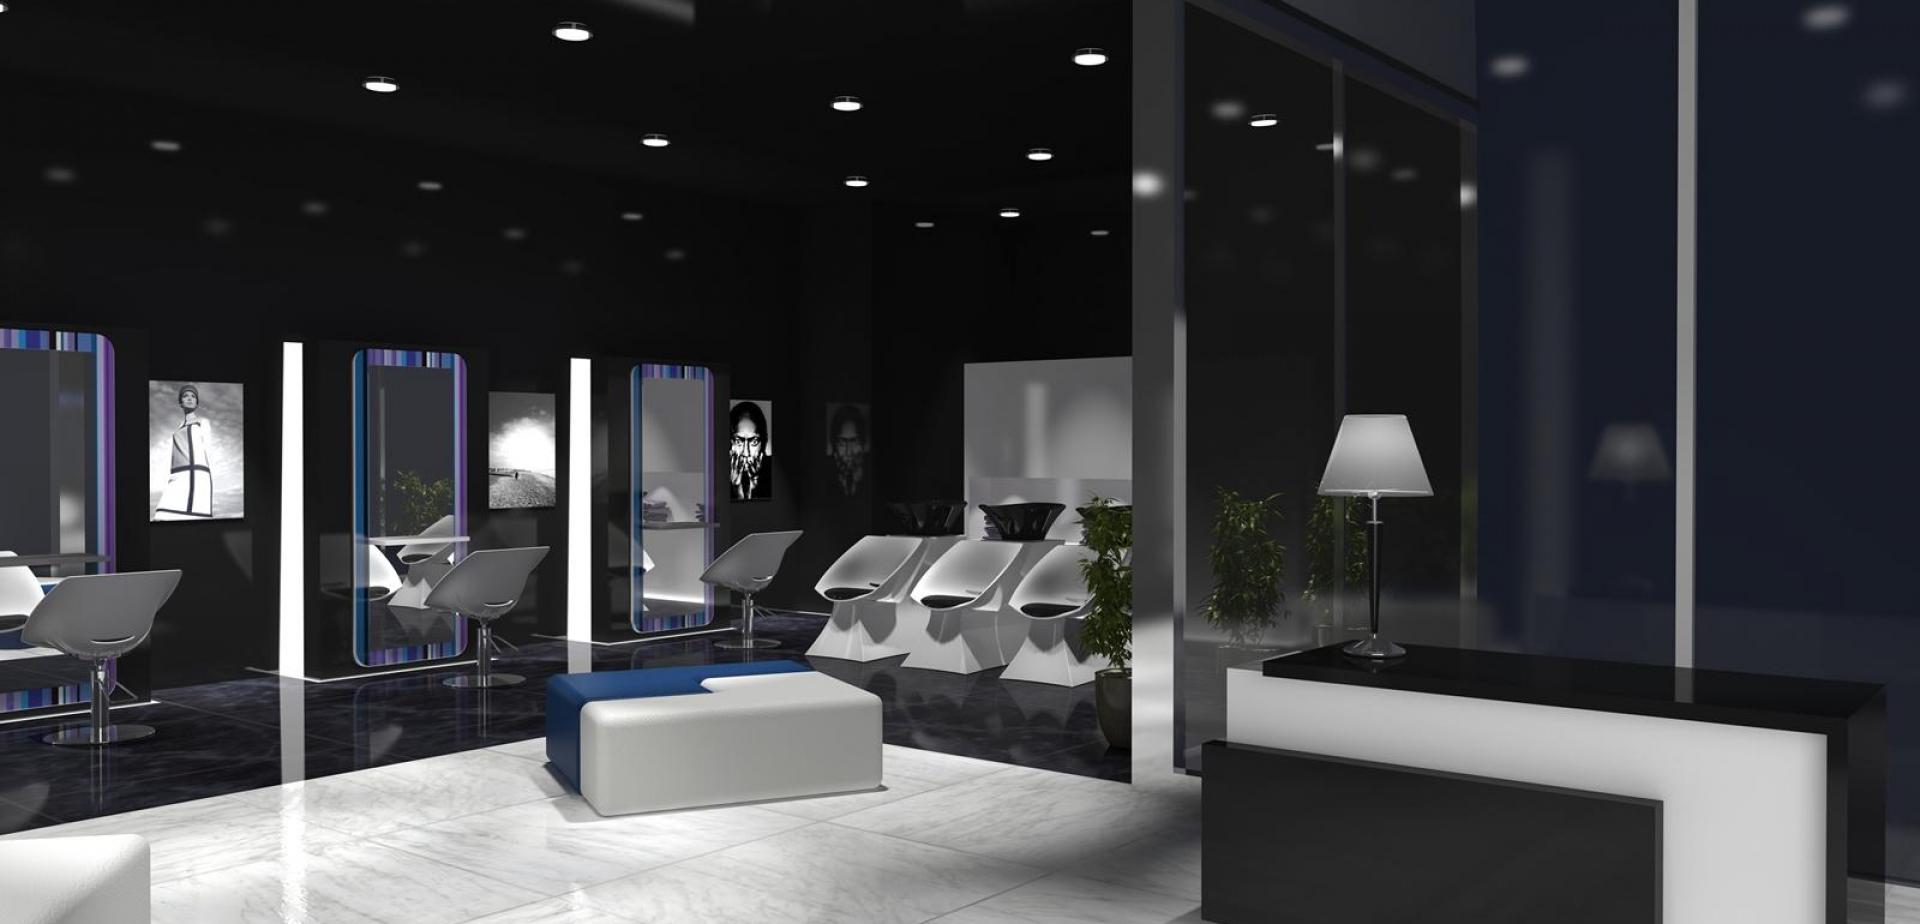 Итальянская парикмахерская мебель и оборудования под заказ